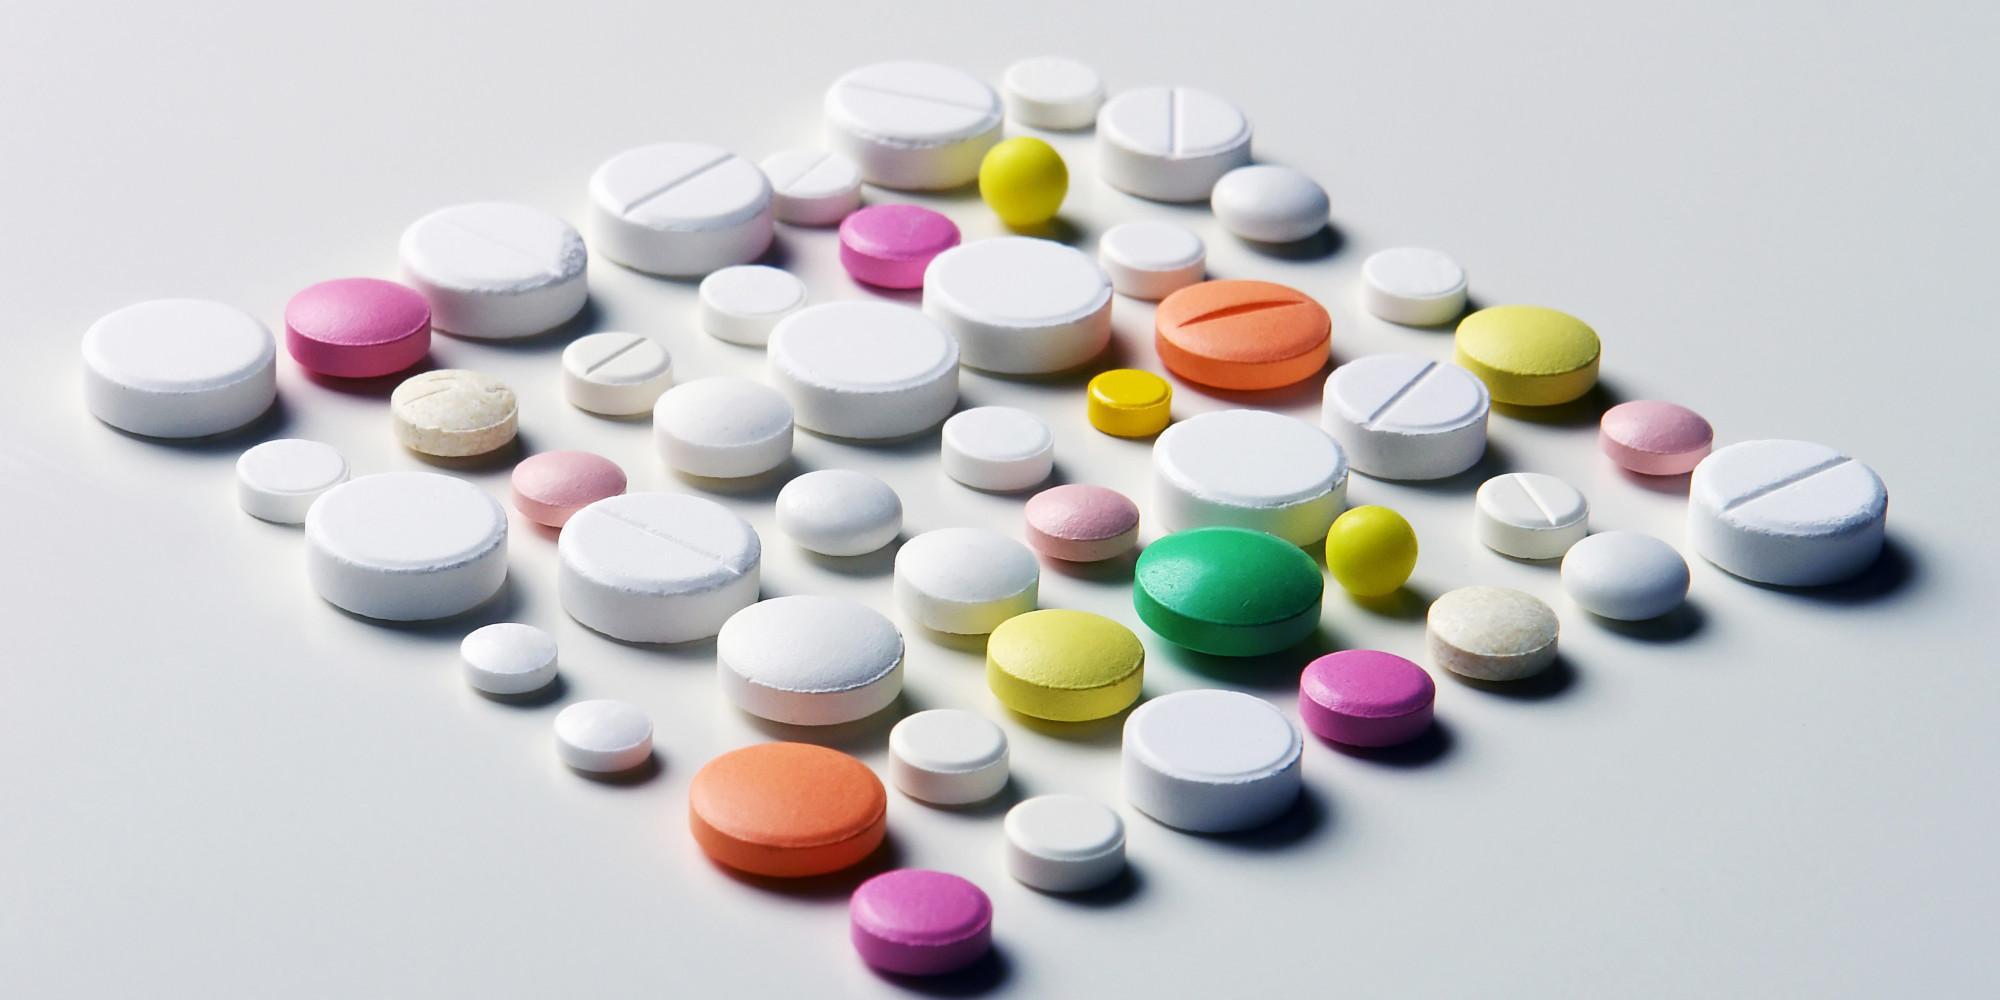 В США одобрен новый антибиотик для лечения кожных инфекций